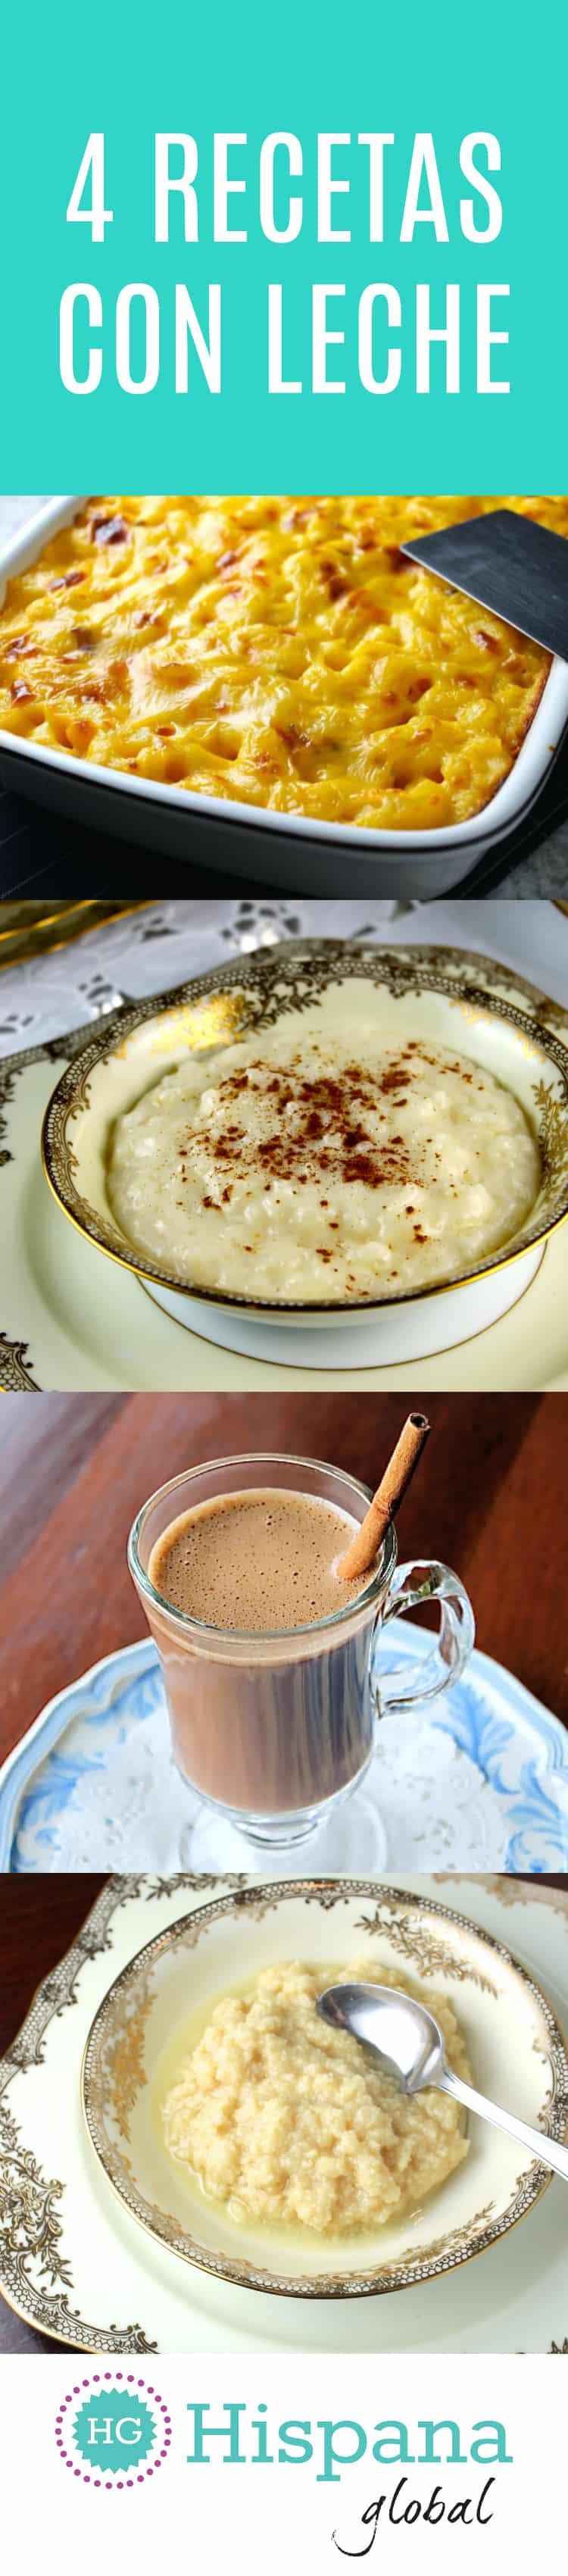 4 recetas con leche